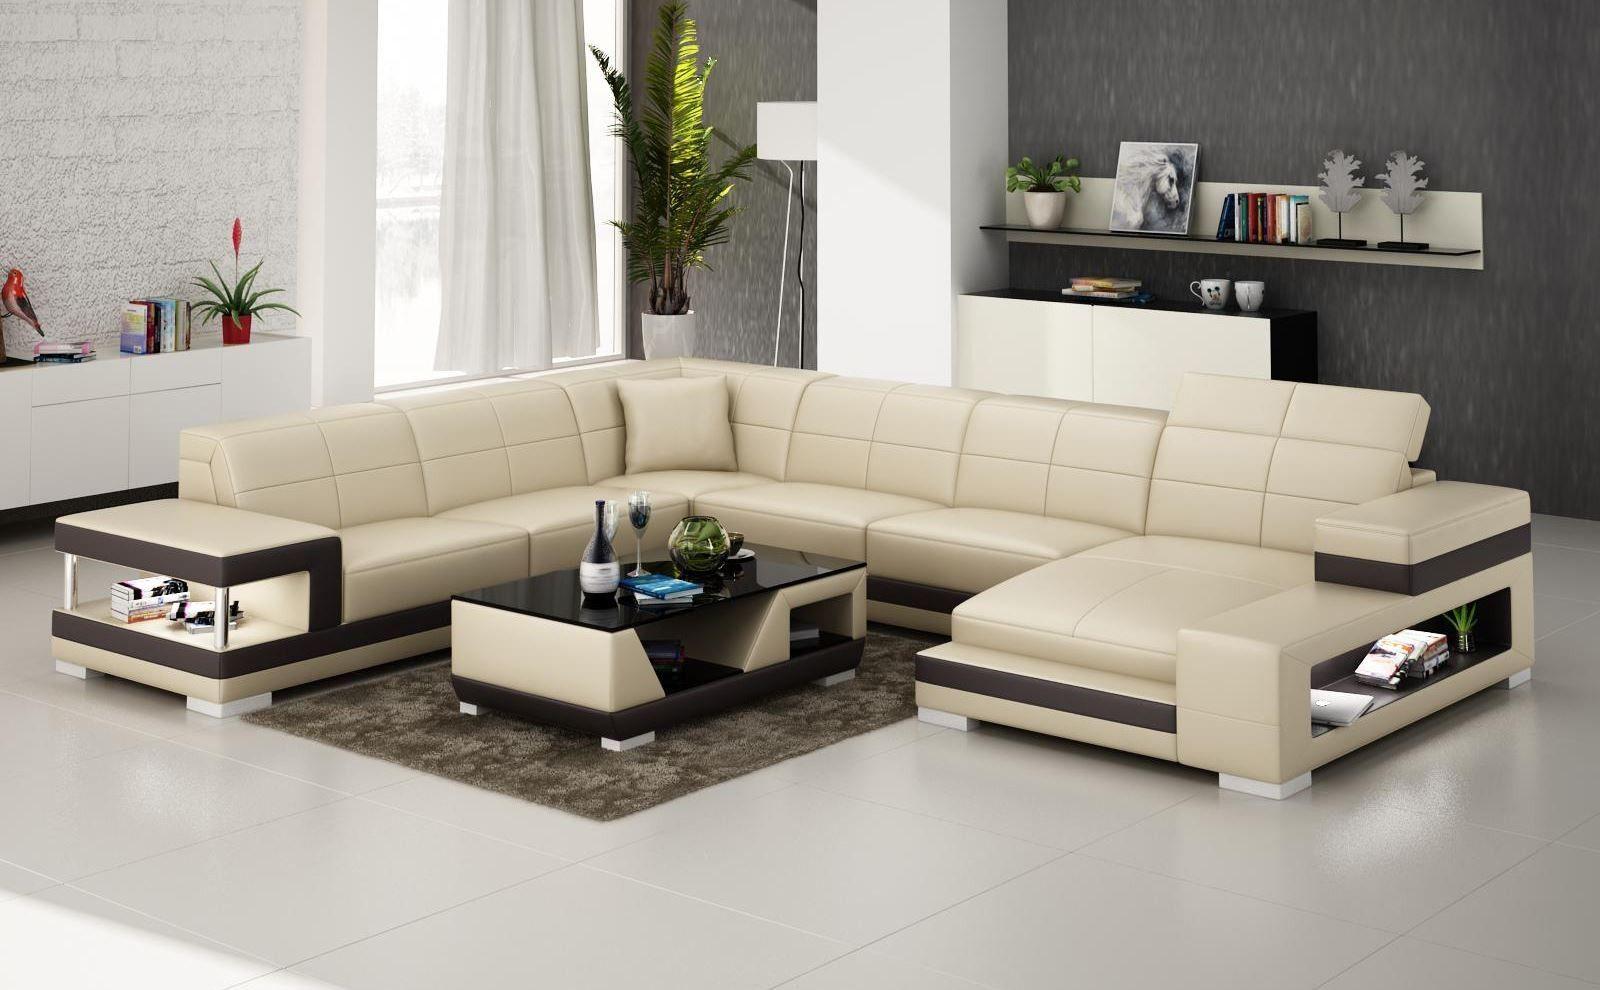 Aubrey Living Room Sofa Design Corner Sofa Design Living Room Sofa